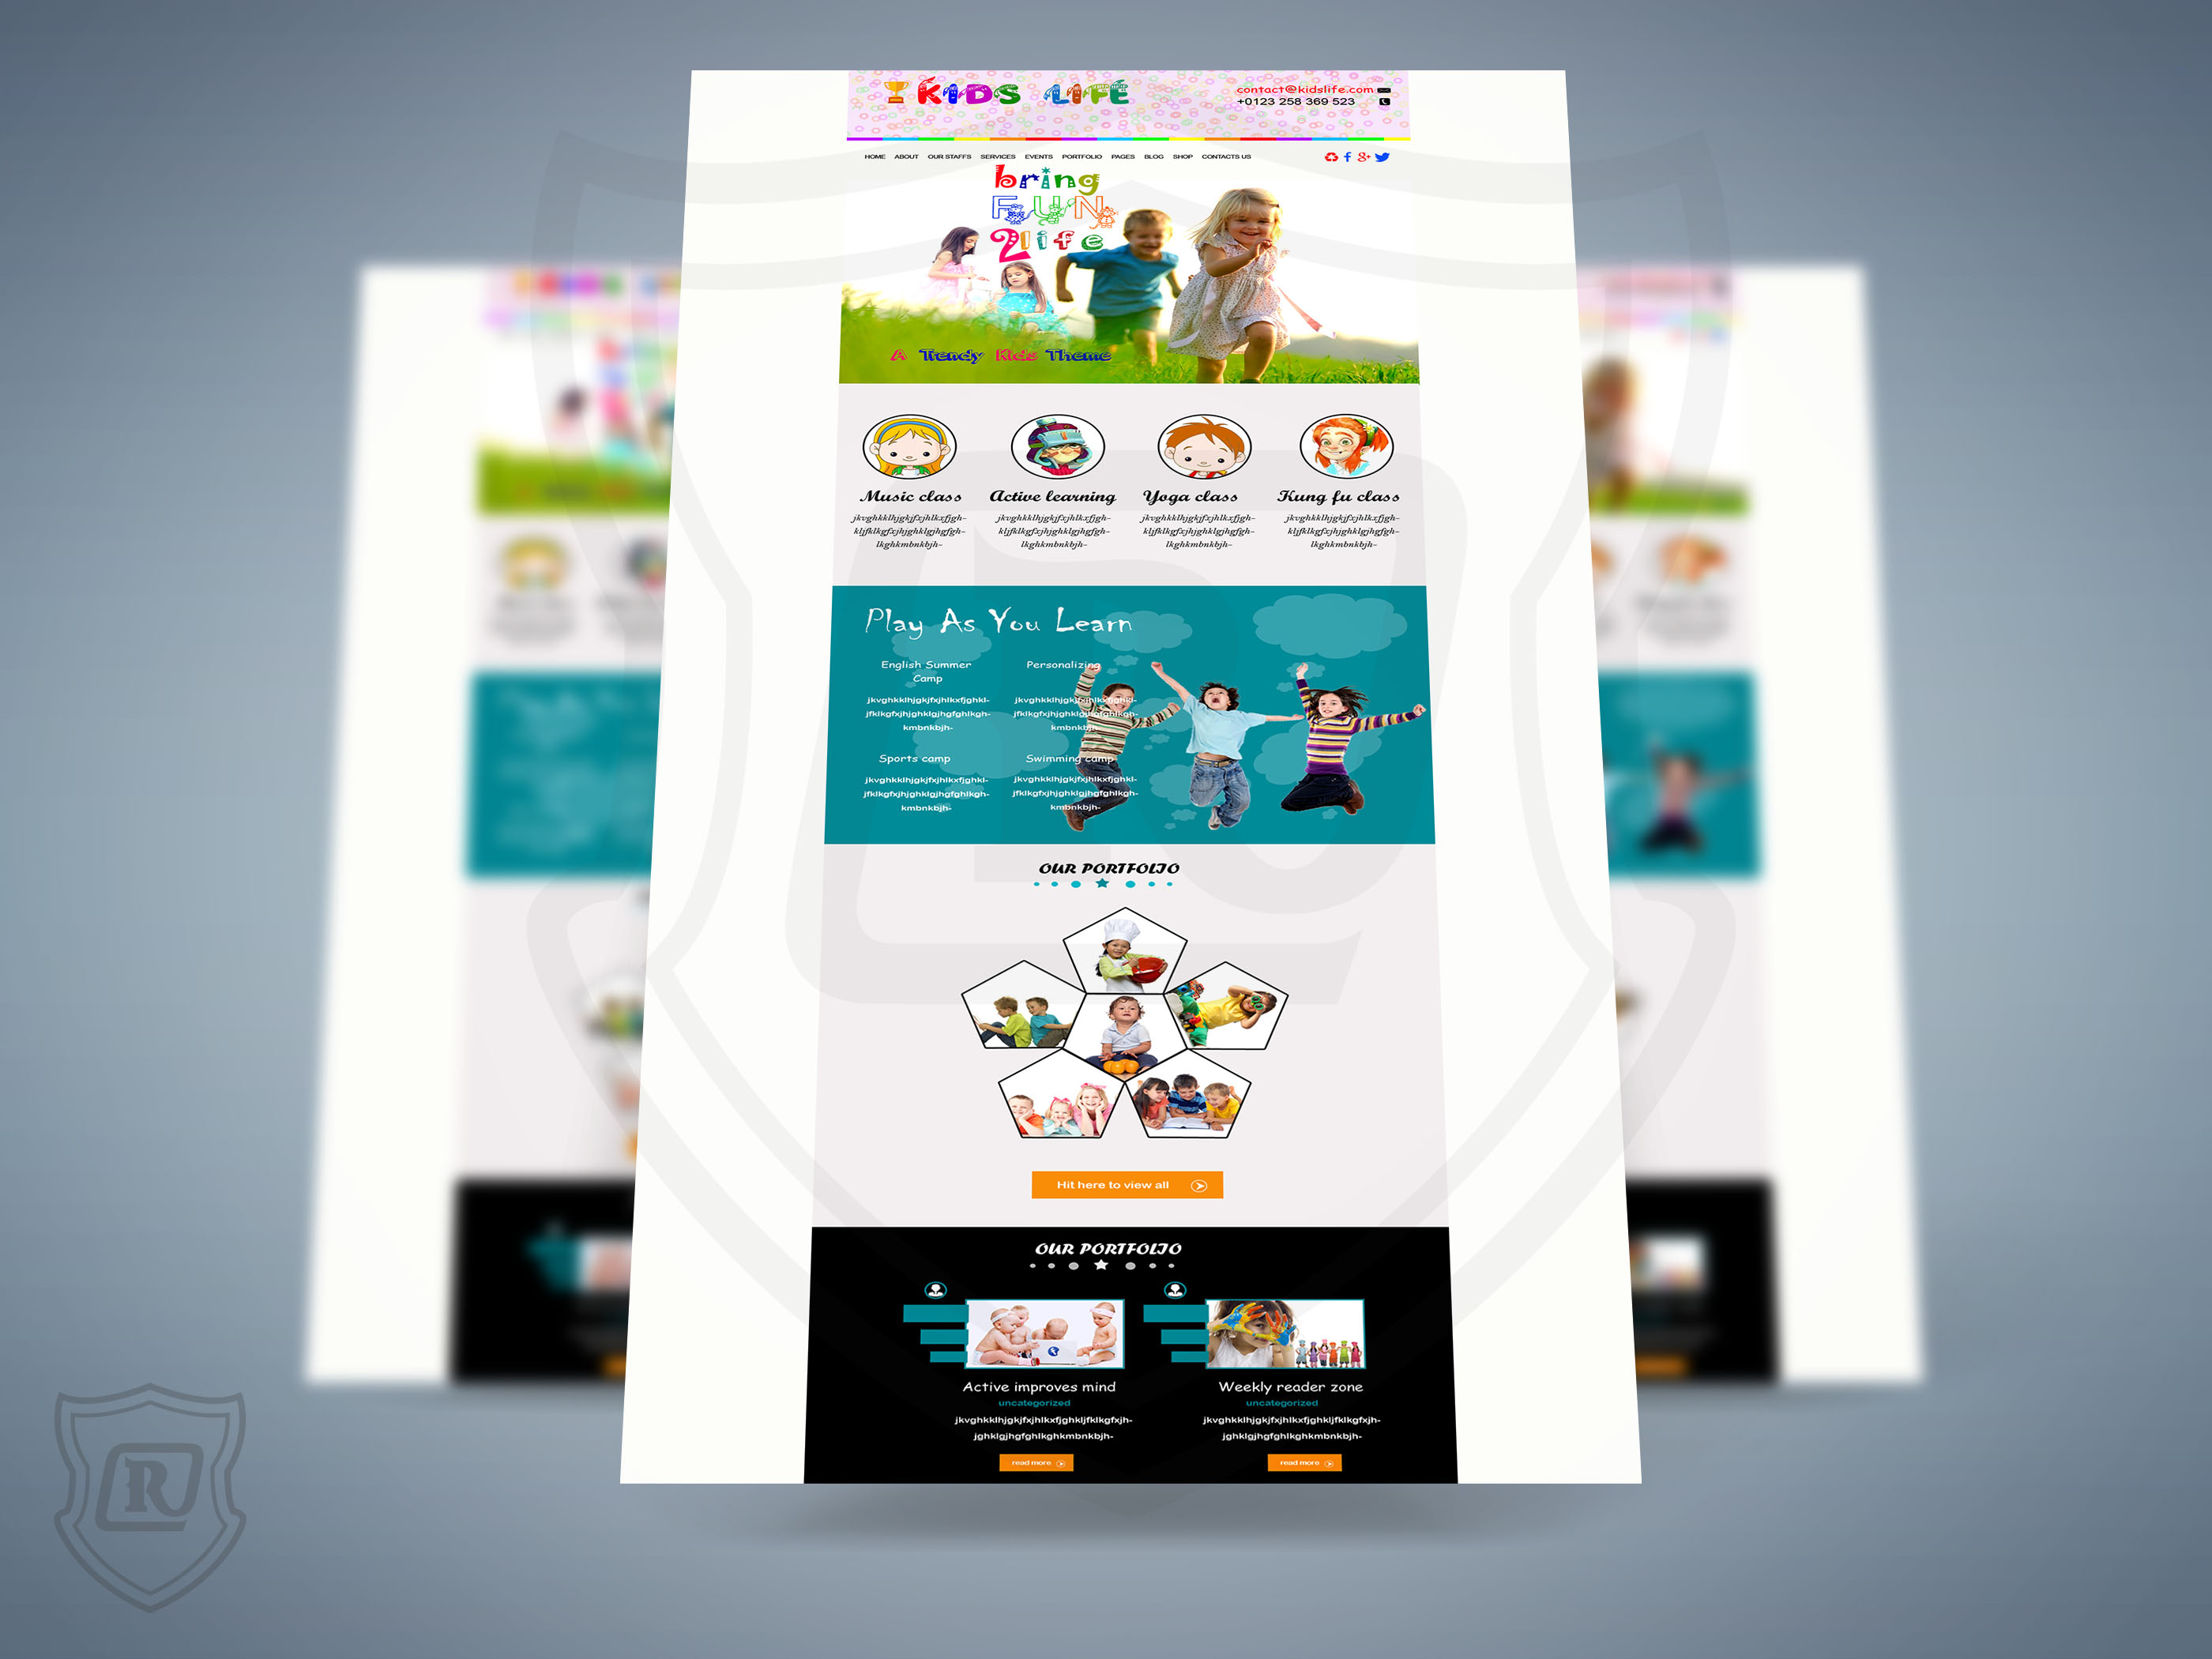 web design12